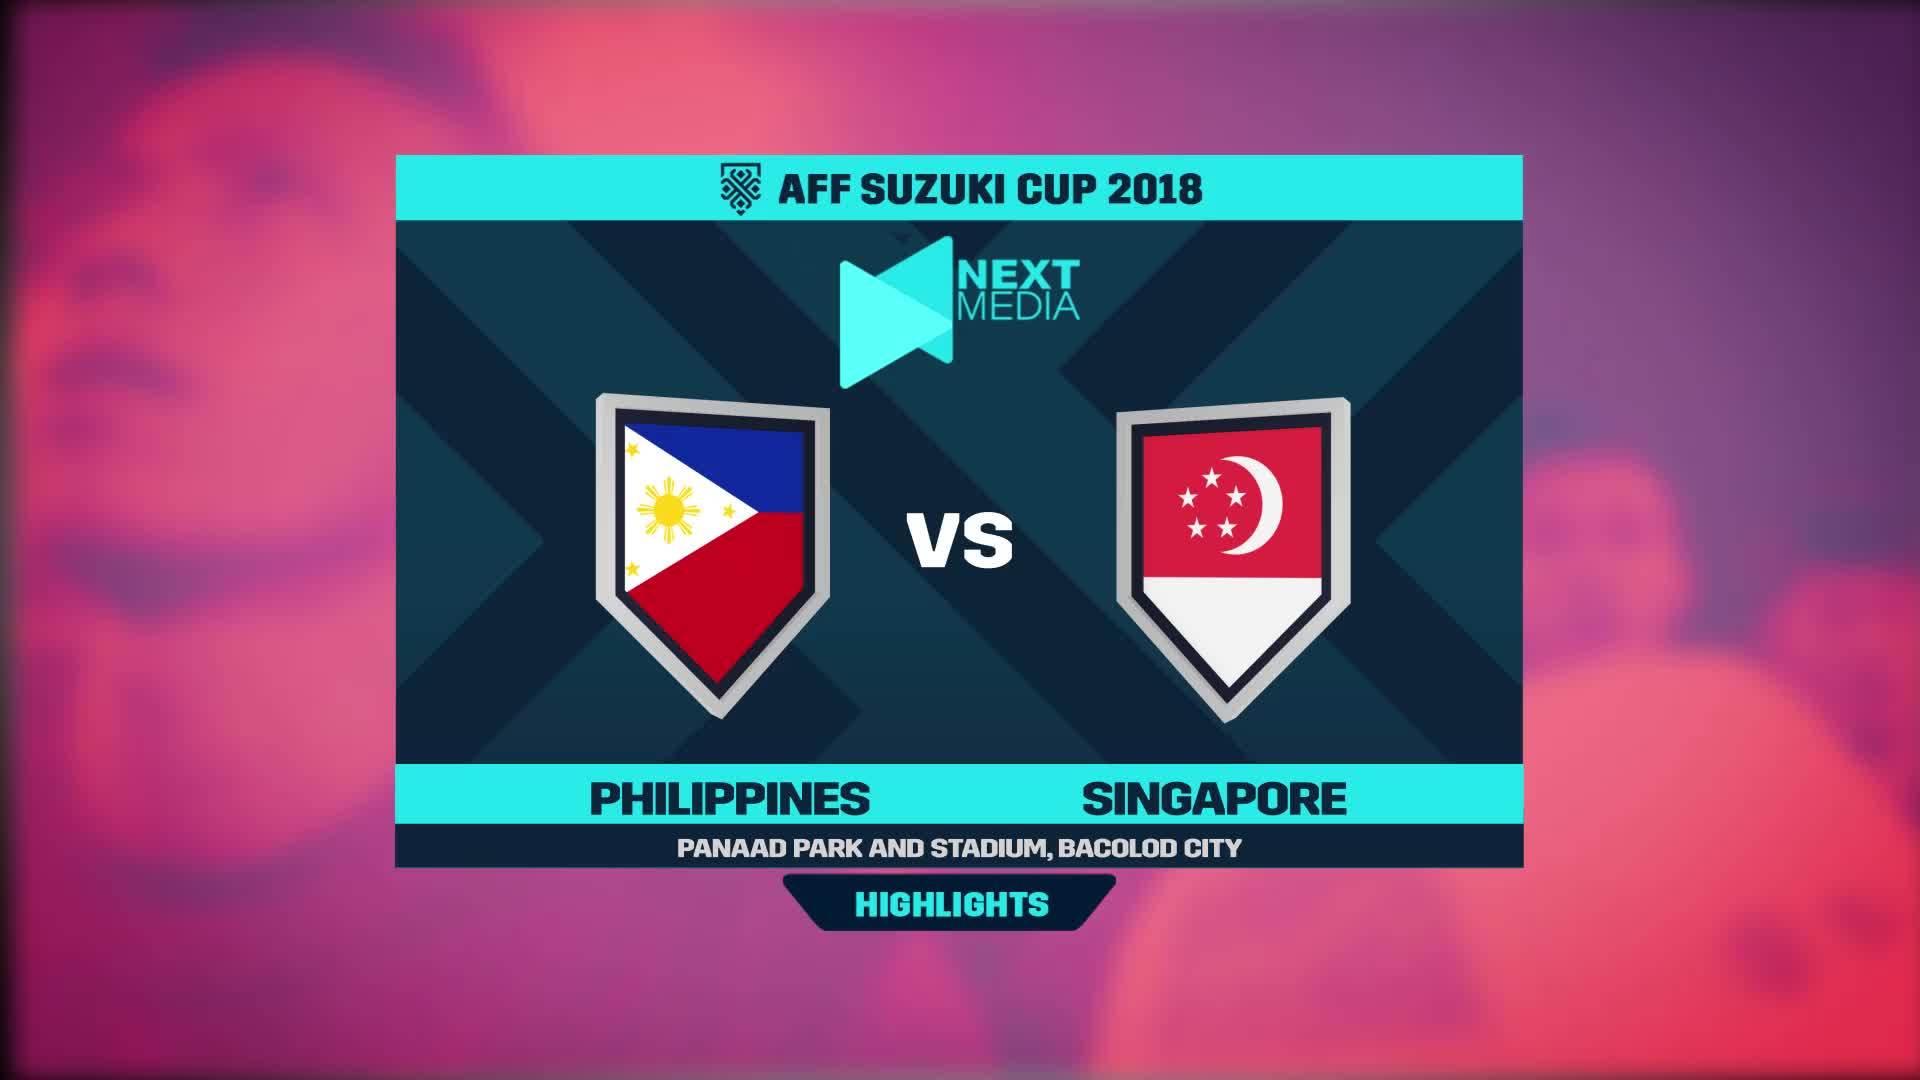 Philippines 1-0 Singapore